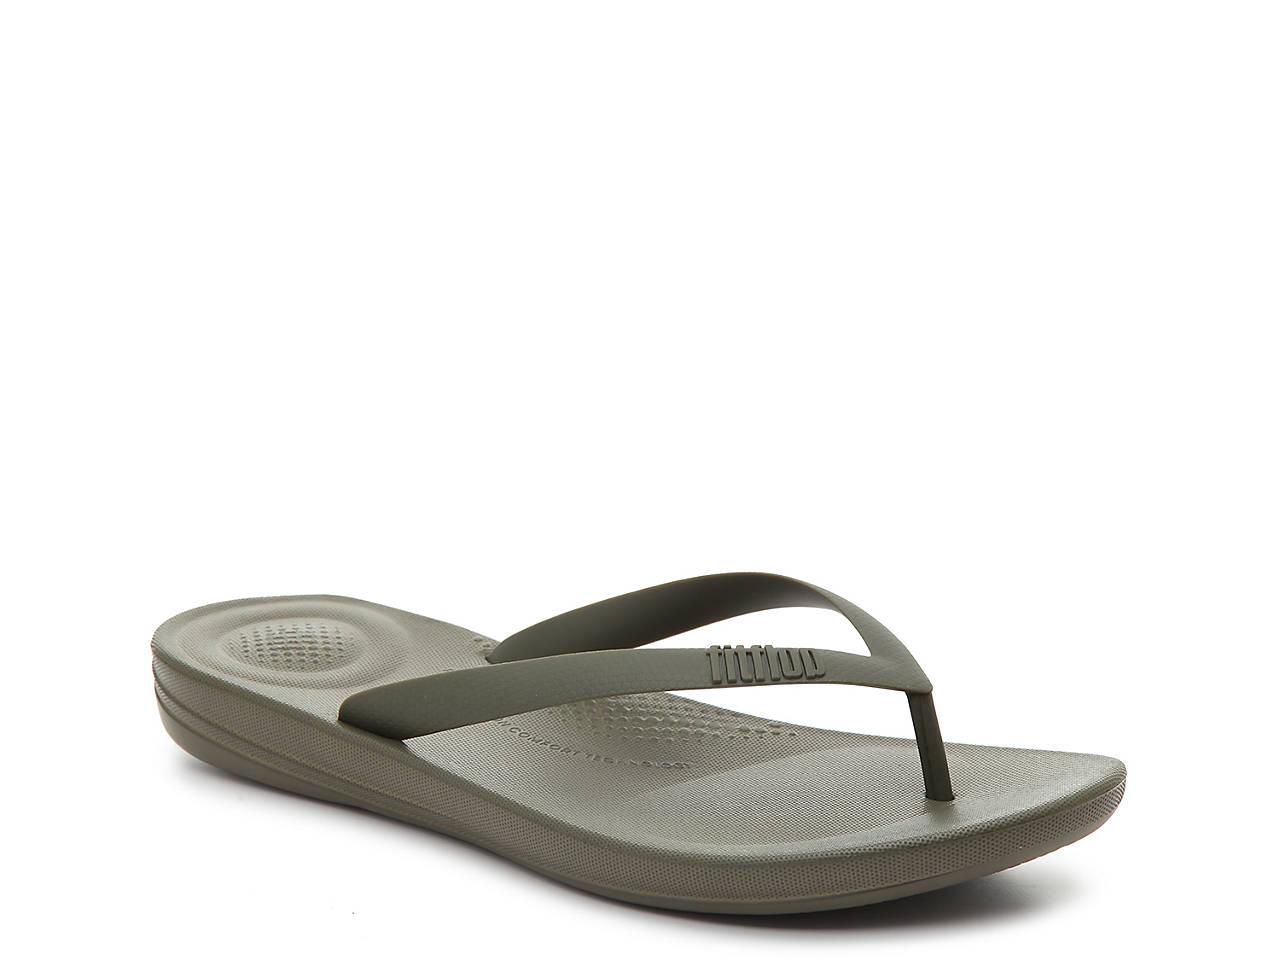 db790b121760 FitFlop Iqushion Ergonomic Flip Flop Men s Shoes